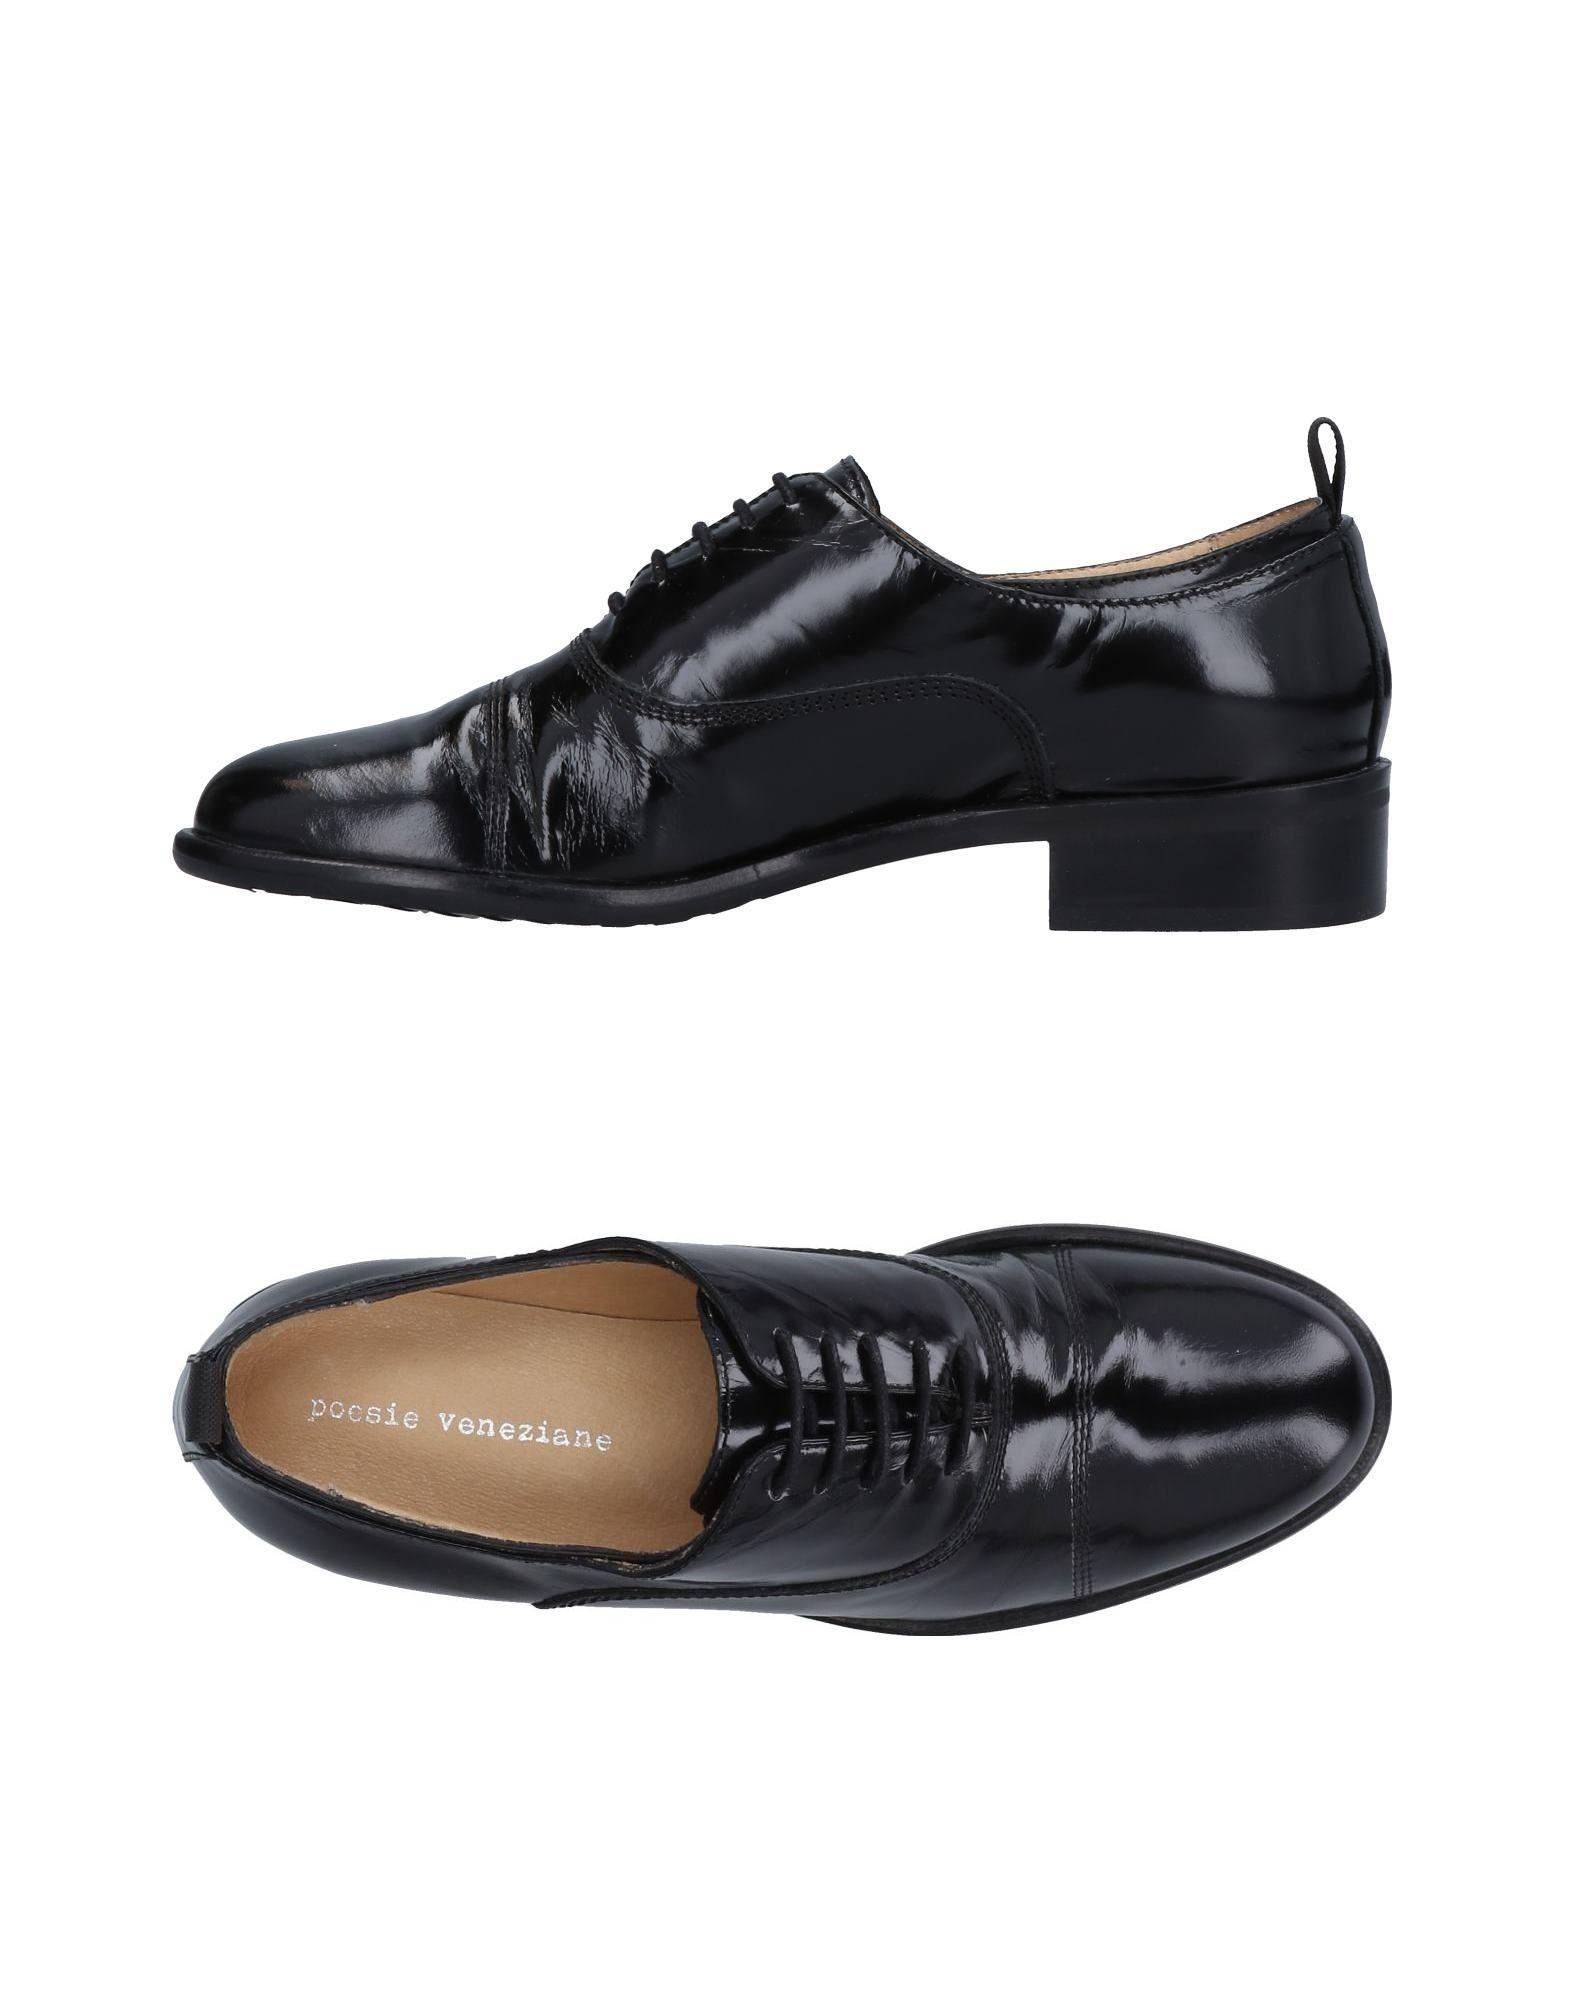 Chaussures À Lacets Poesie Veneziane Femme - Chaussures À Lacets Poesie Veneziane sur